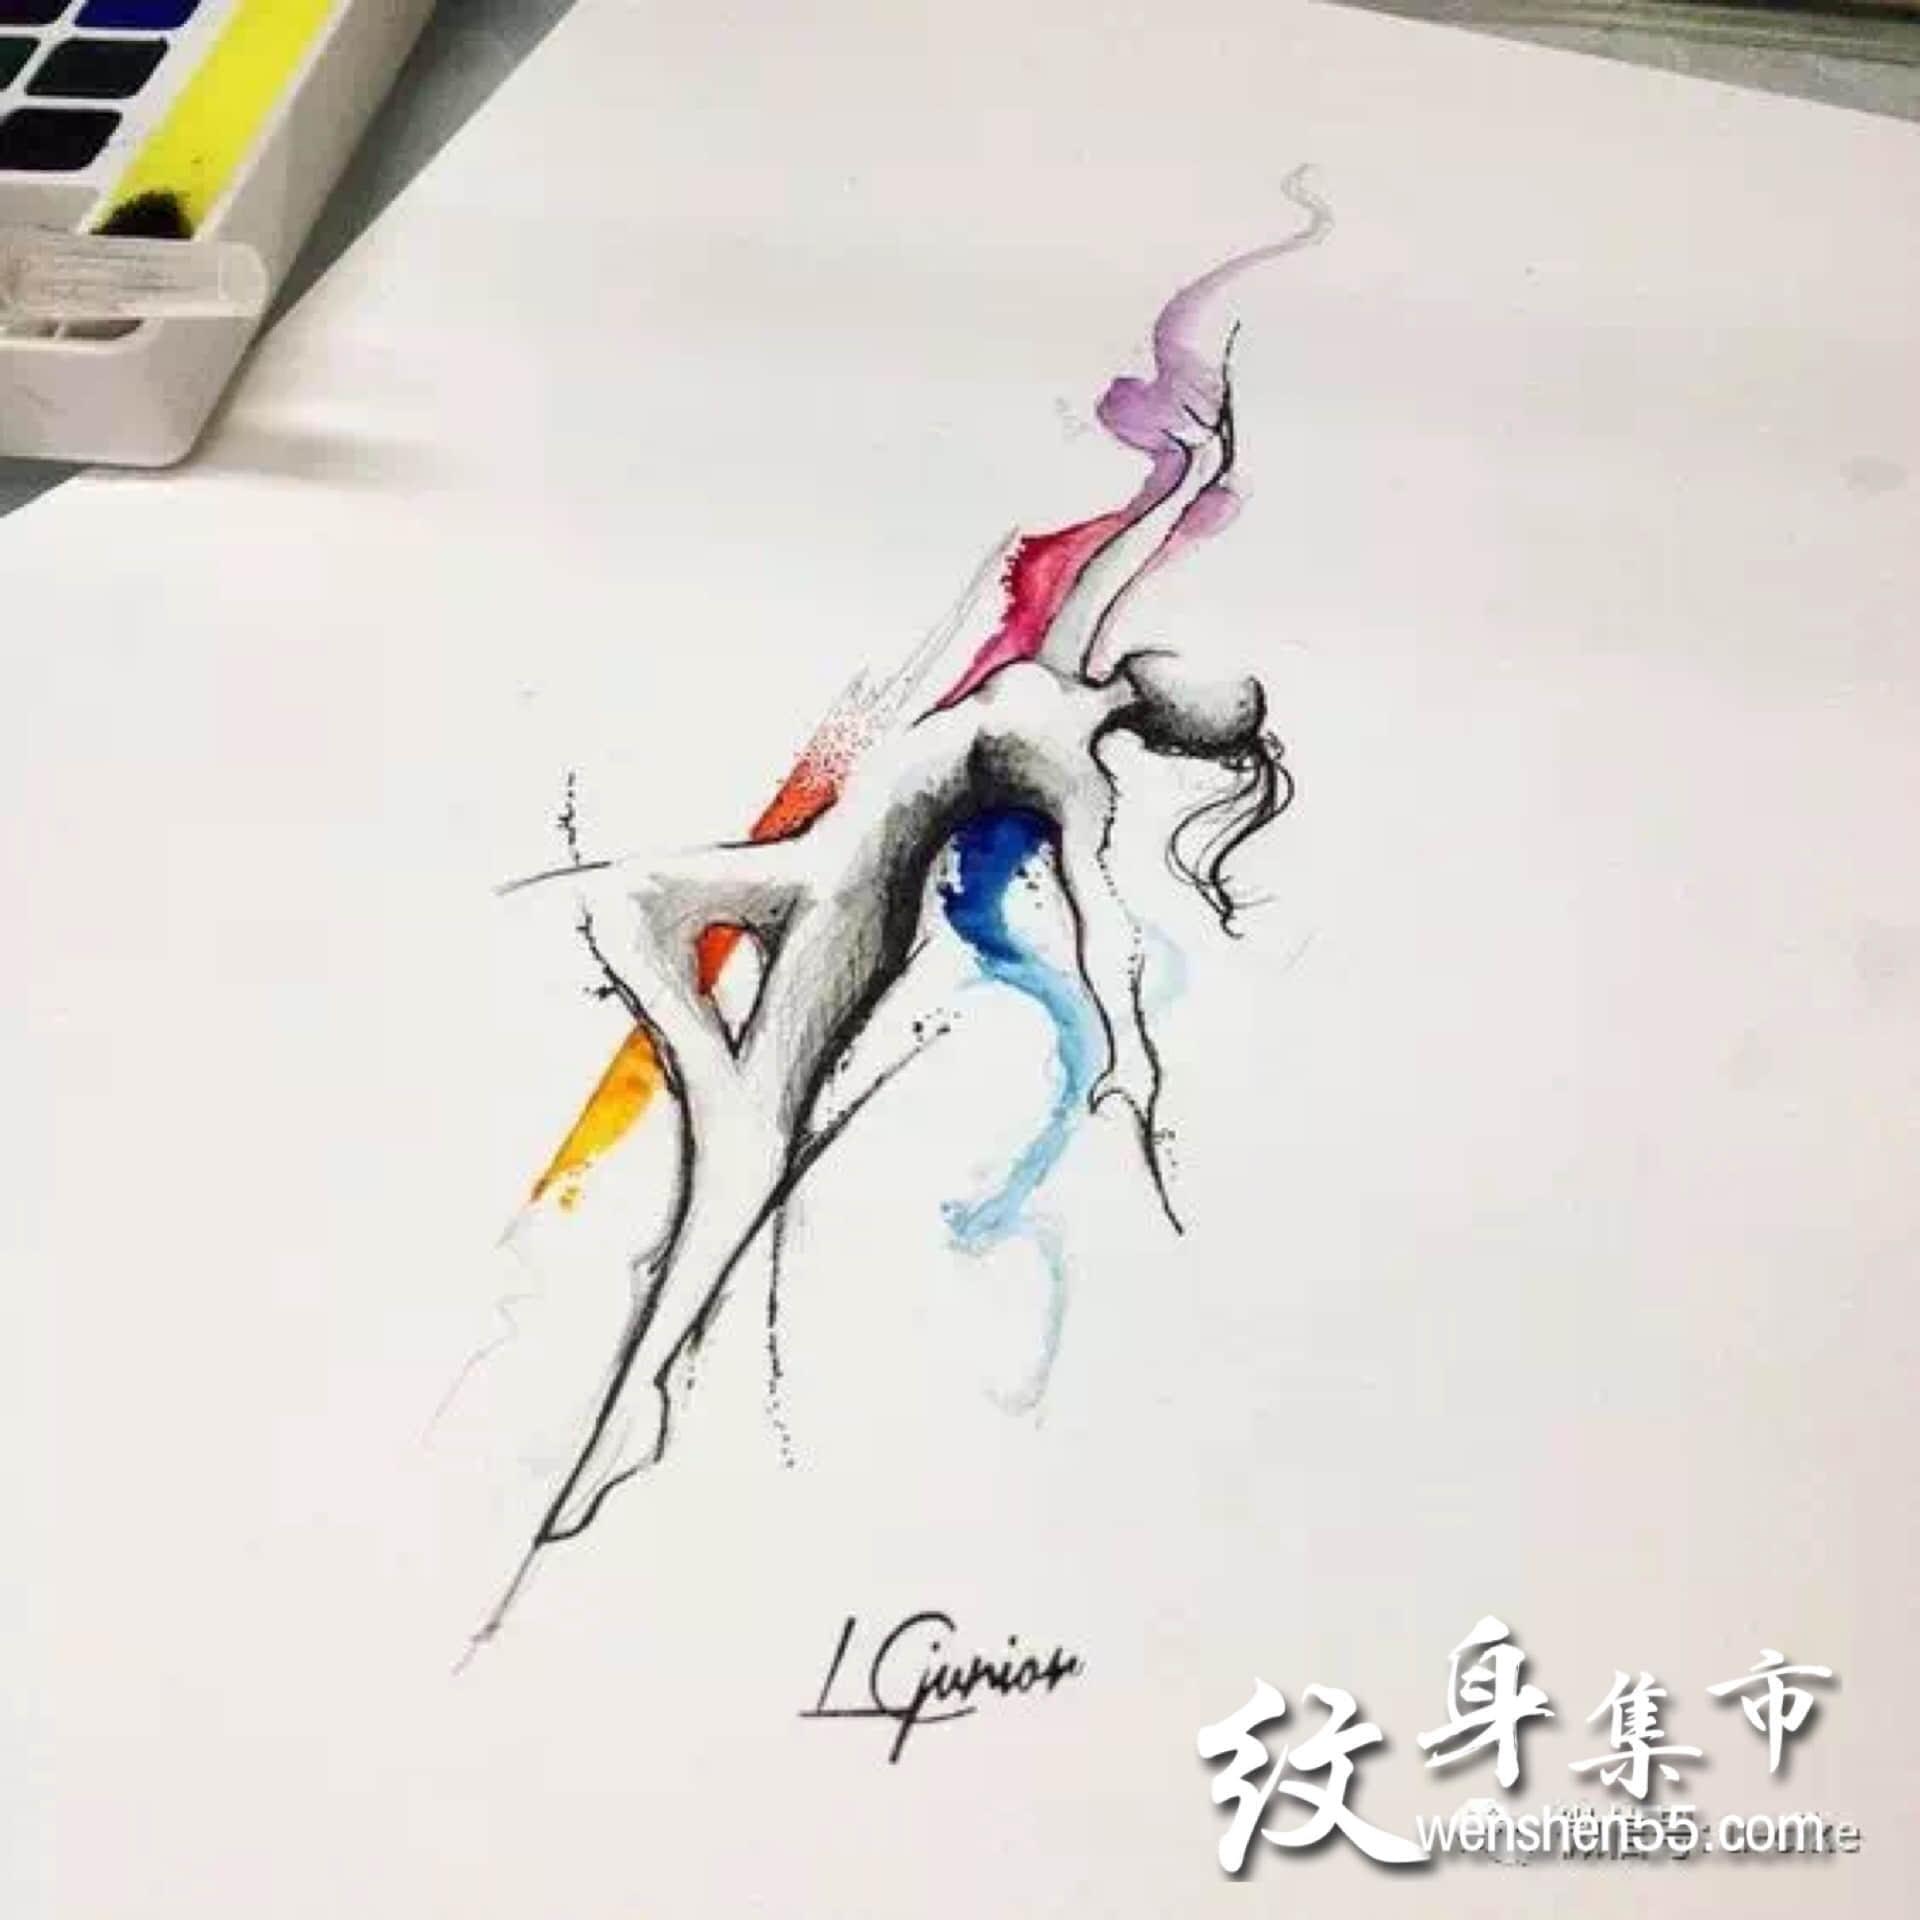 舞者纹身,小清新纹身手稿,舞者纹身手稿图案大全